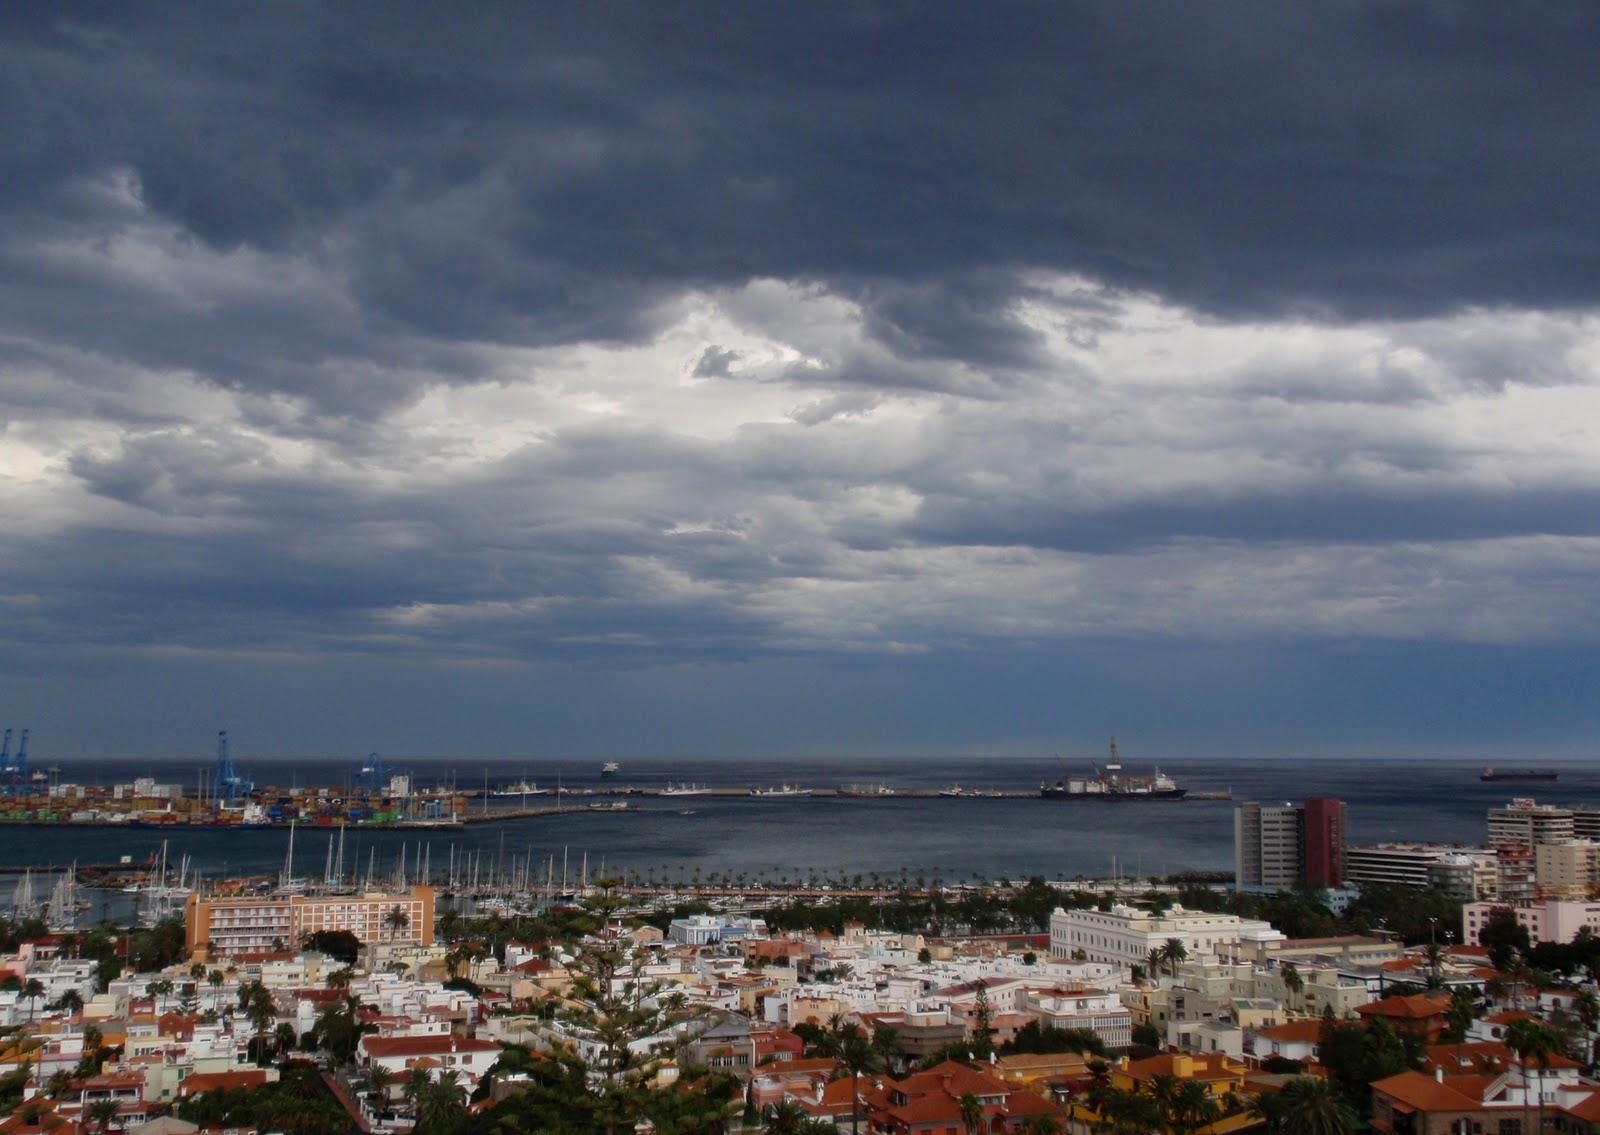 Astronomia Fisica Y Misiones Espaciales La Borrasca Desde El Mirador De La Cornisa De Las Palmas De Gran Canaria